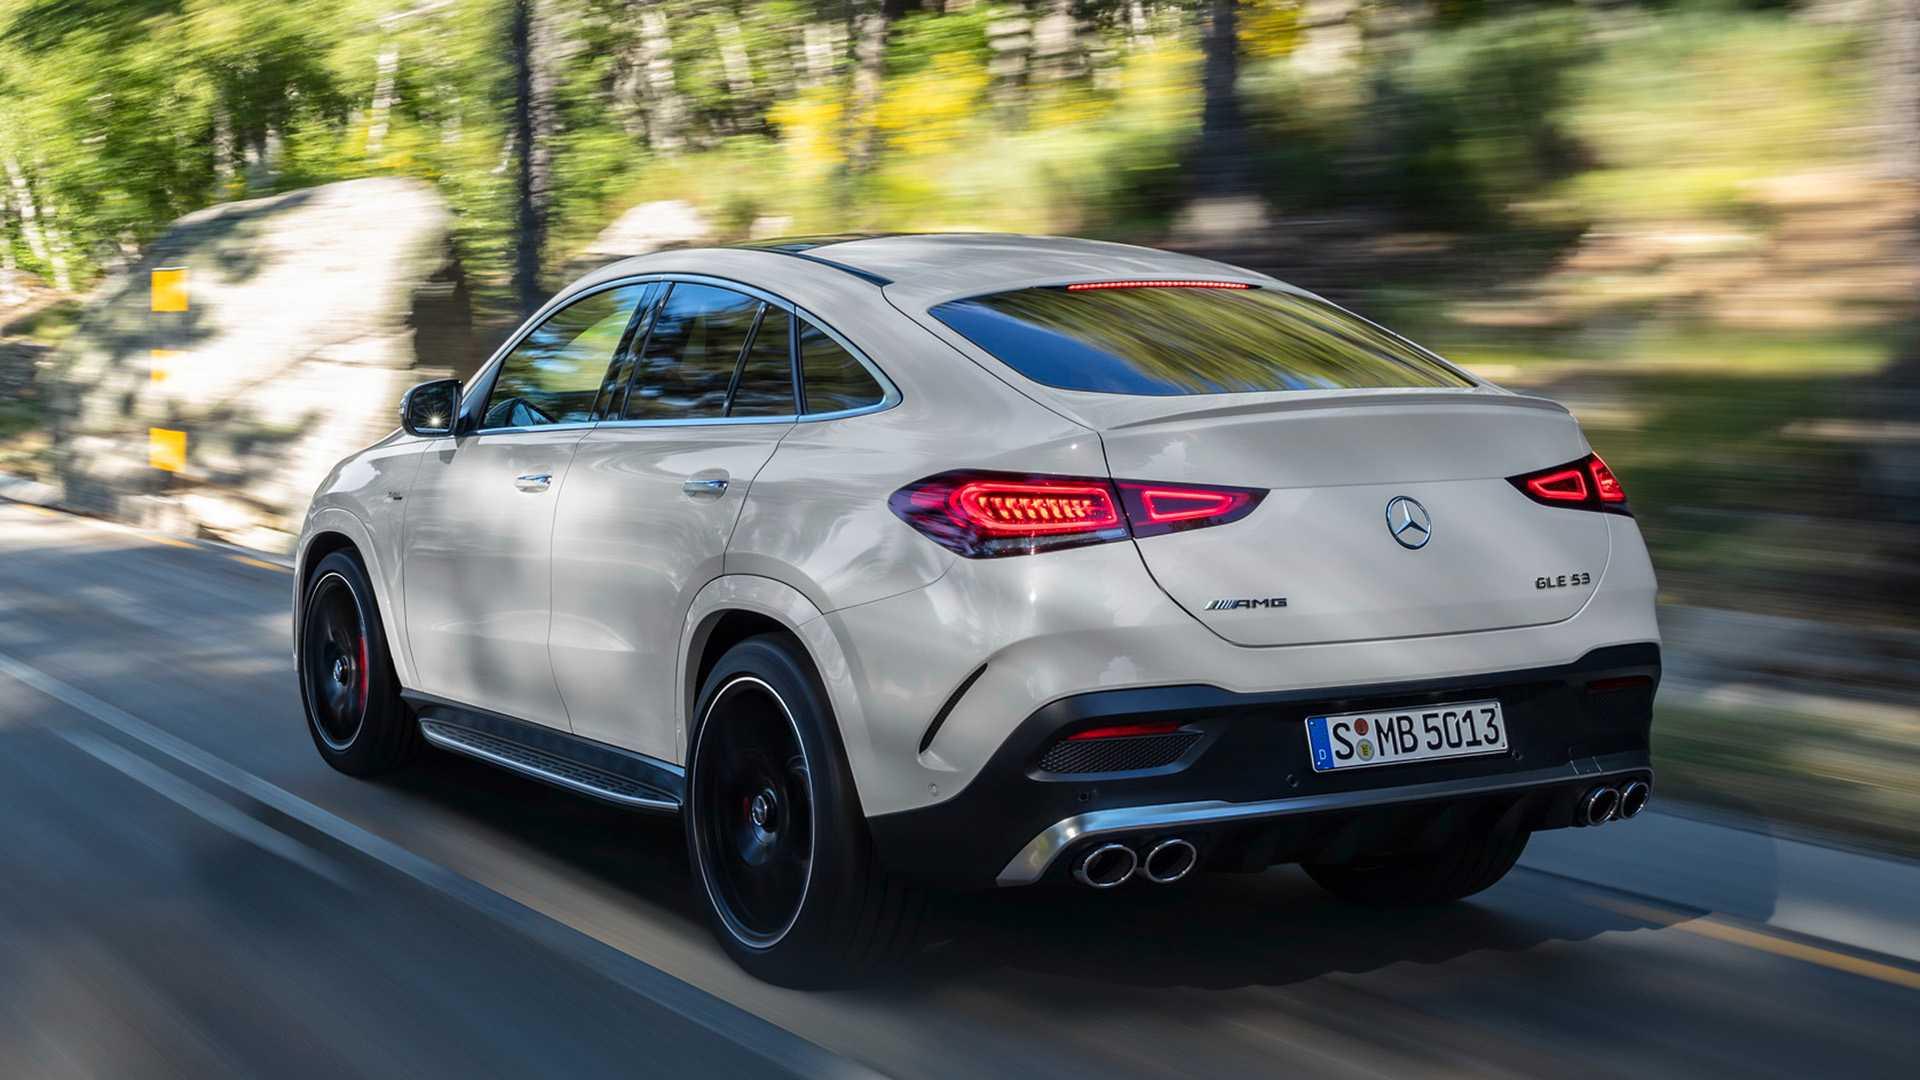 2021 Mercedes-AMG GLE 53 Coupe 4MATIC+ (Color: Designo Diamond White Bright) Rear Three-Quarter Wallpapers (3)